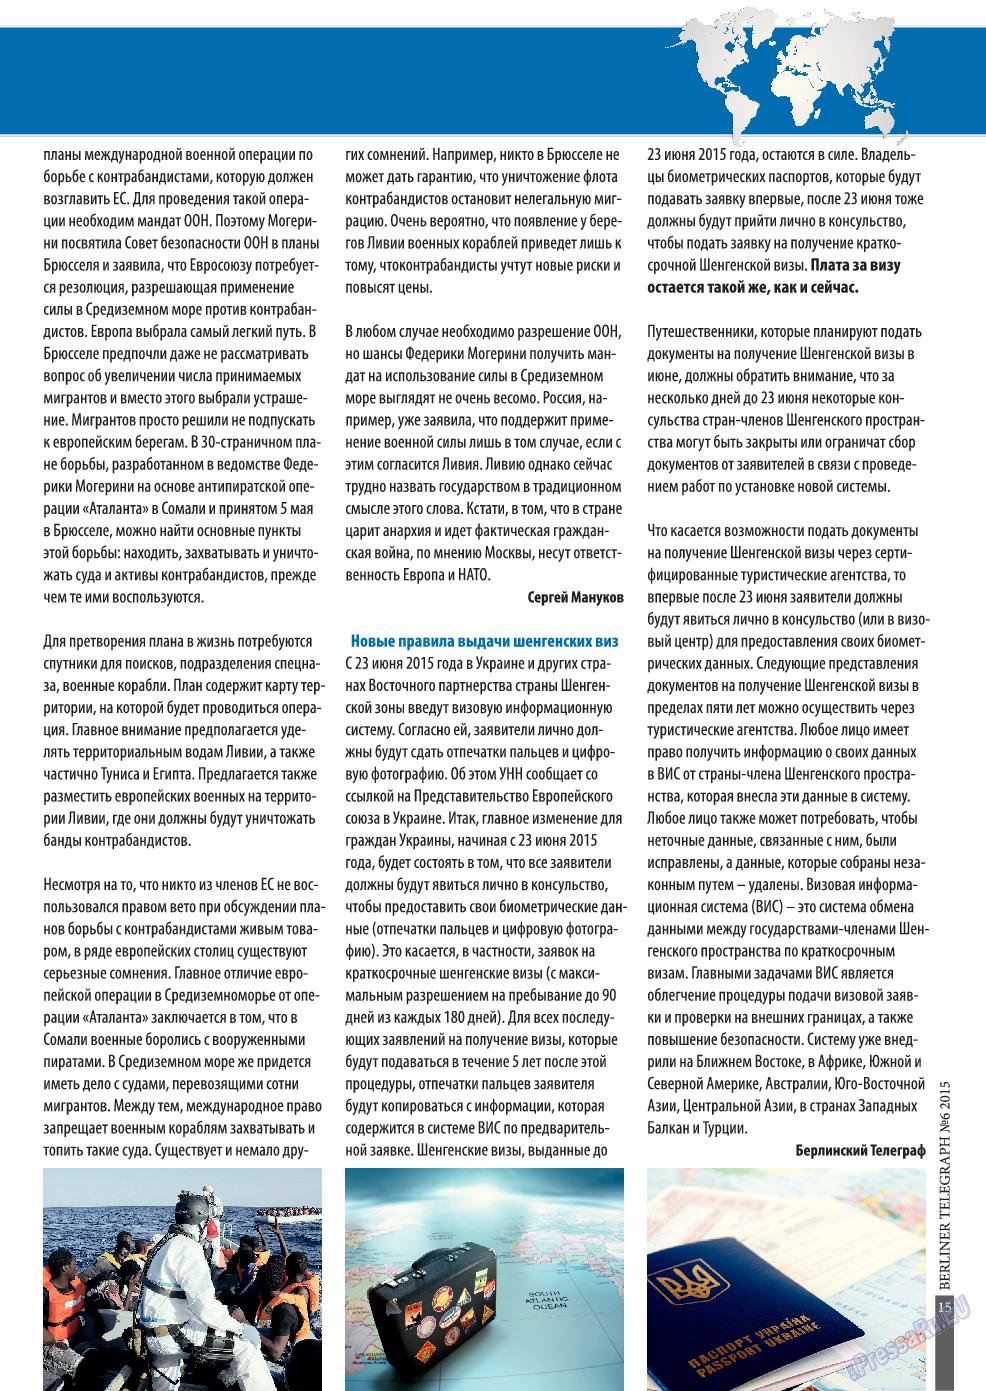 Берлинский телеграф (журнал). 2015 год, номер 6, стр. 15